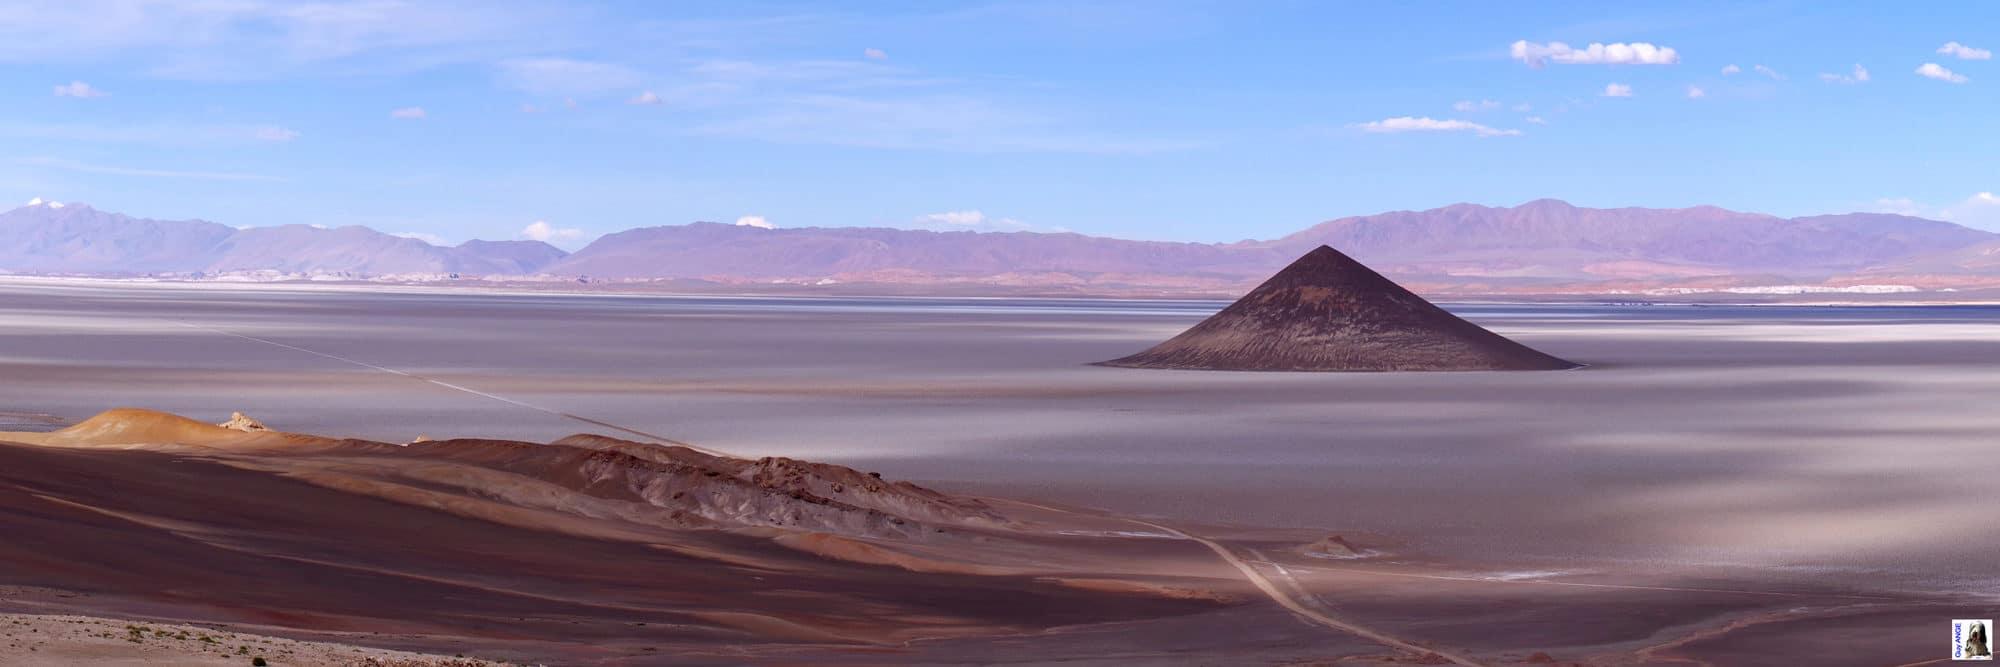 Argentine, région de la Puna. Le cône d'Arita.